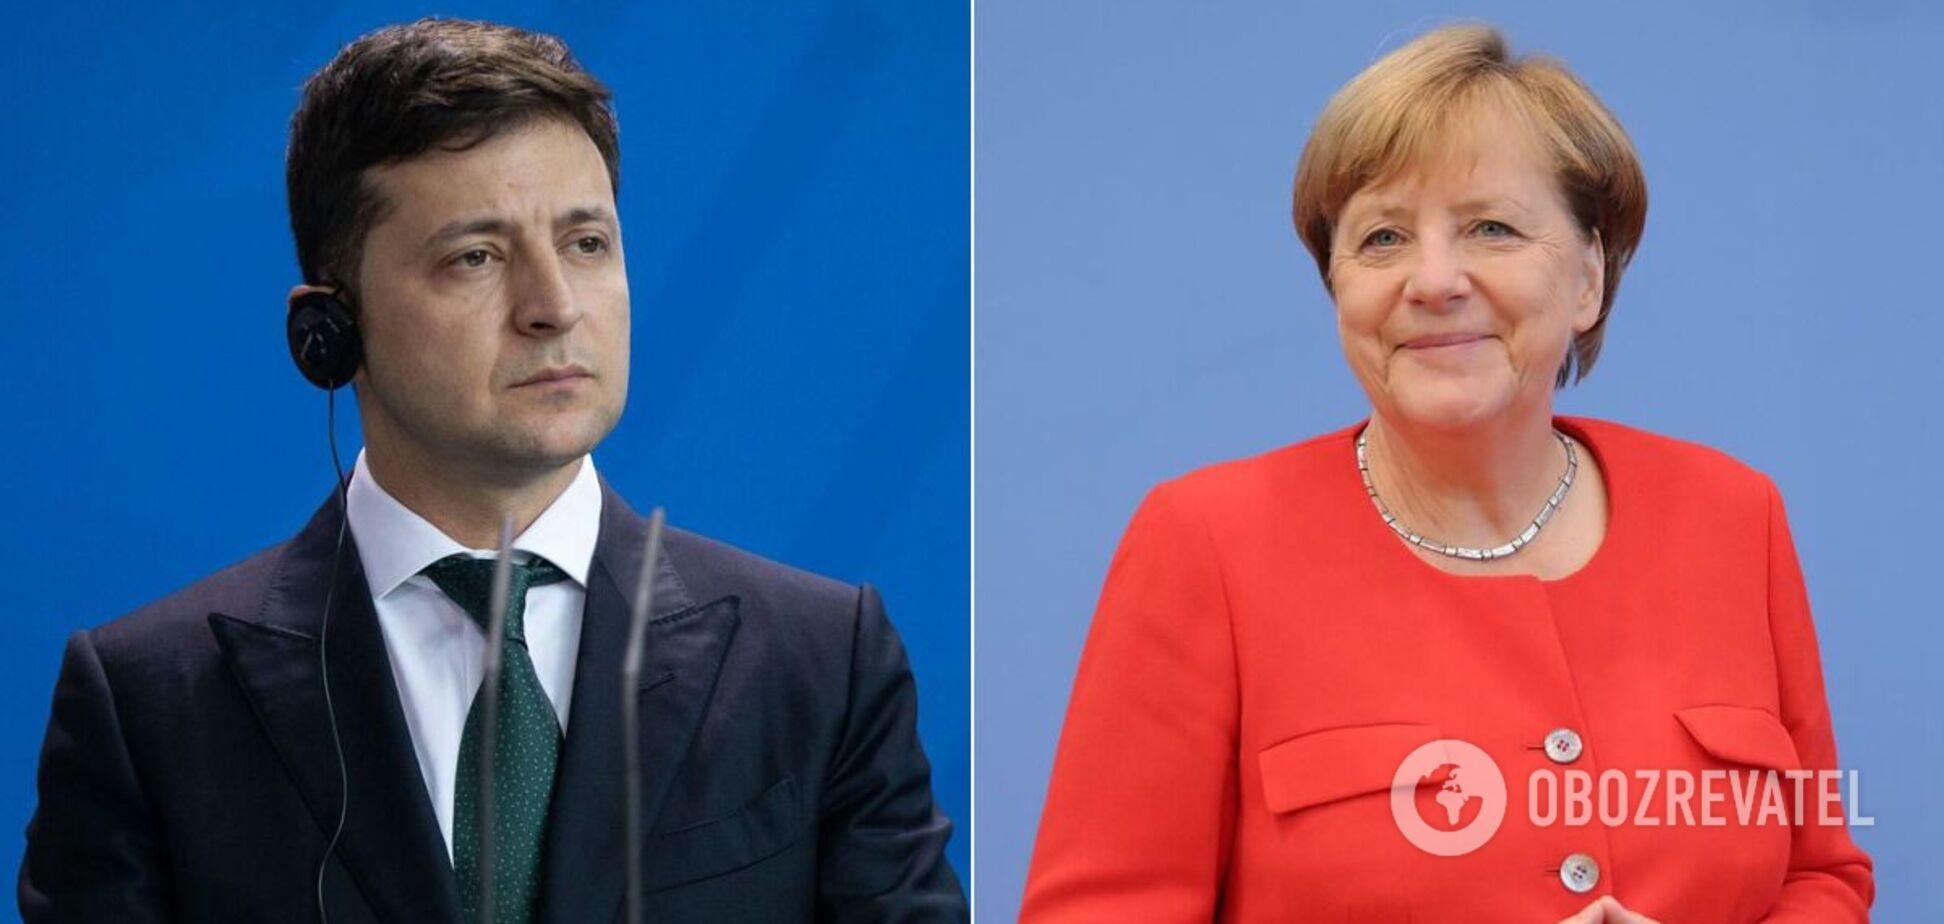 Володимир Зеленський і Ангела Меркель